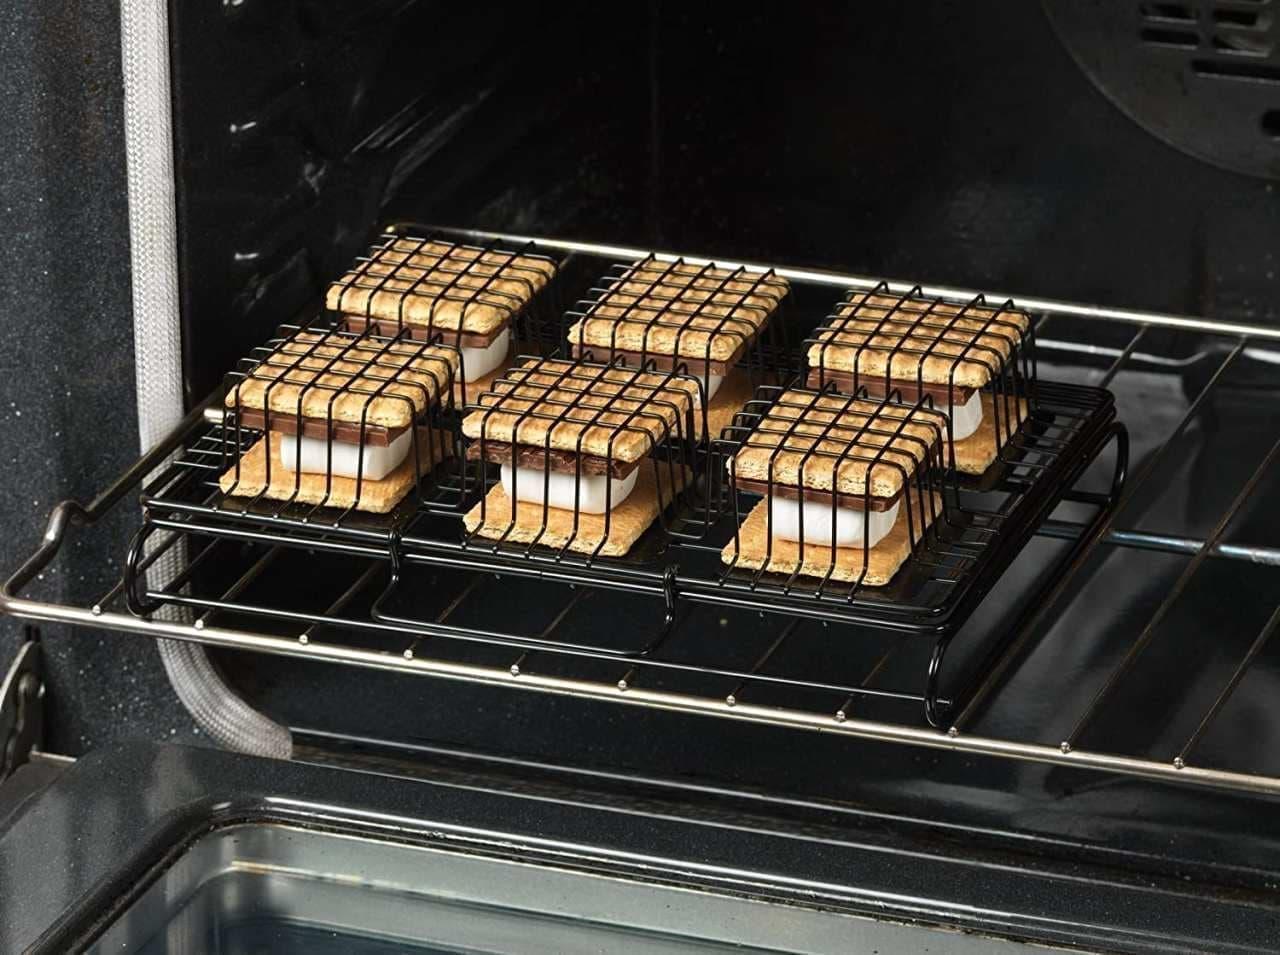 自宅のオーブンで「スモア」を!キャンプ気分を味わえる「Six-S'more Maker」